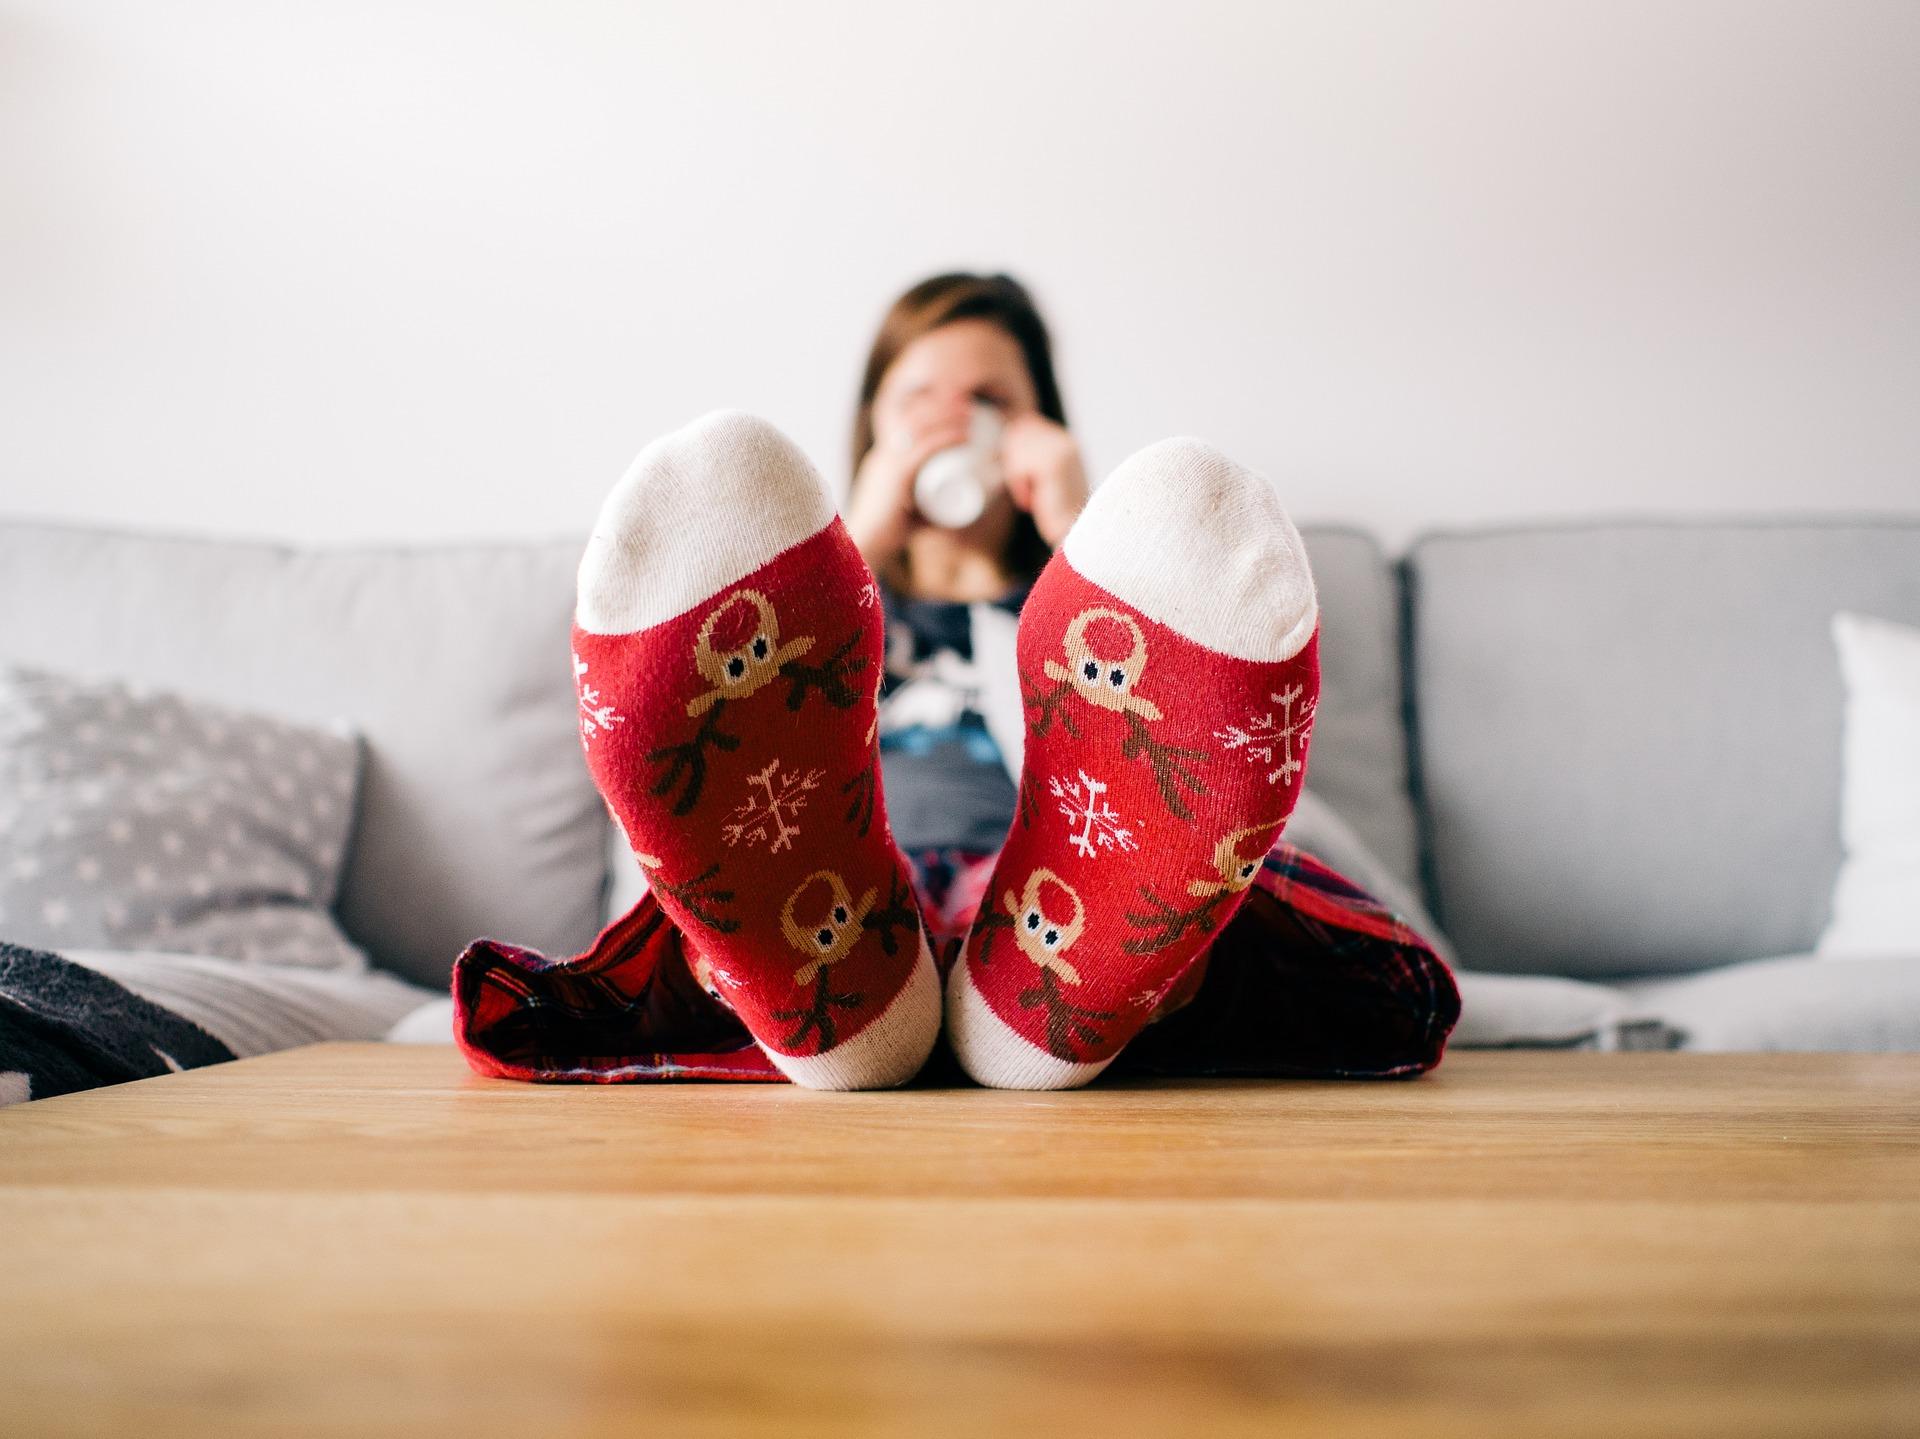 Objednáte si nábytok teraz a zaplatíte až pred Vianocami. Čím najviac potešíte rodinu tento rok?